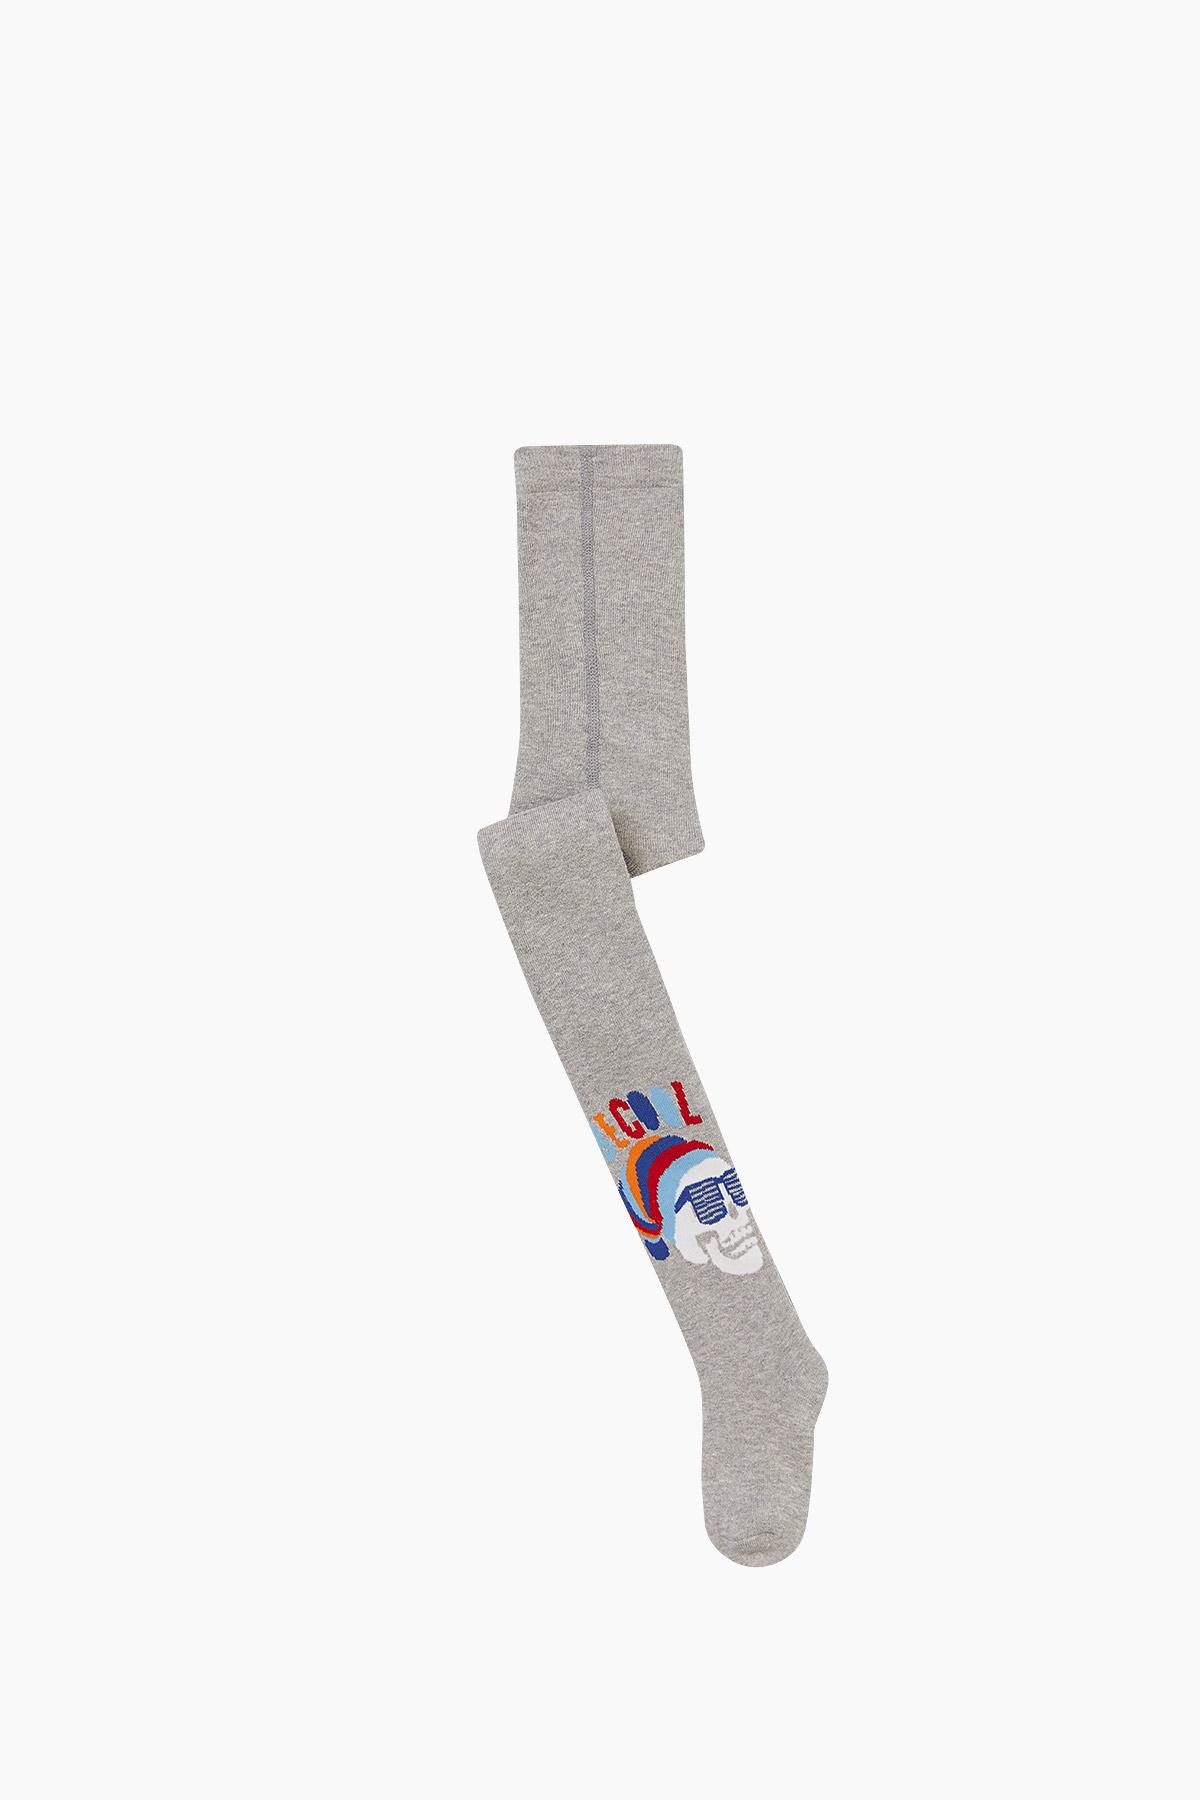 Bross - Bross Kuru Kafa Desenli Havlu Külotlu Çocuk Çorabı